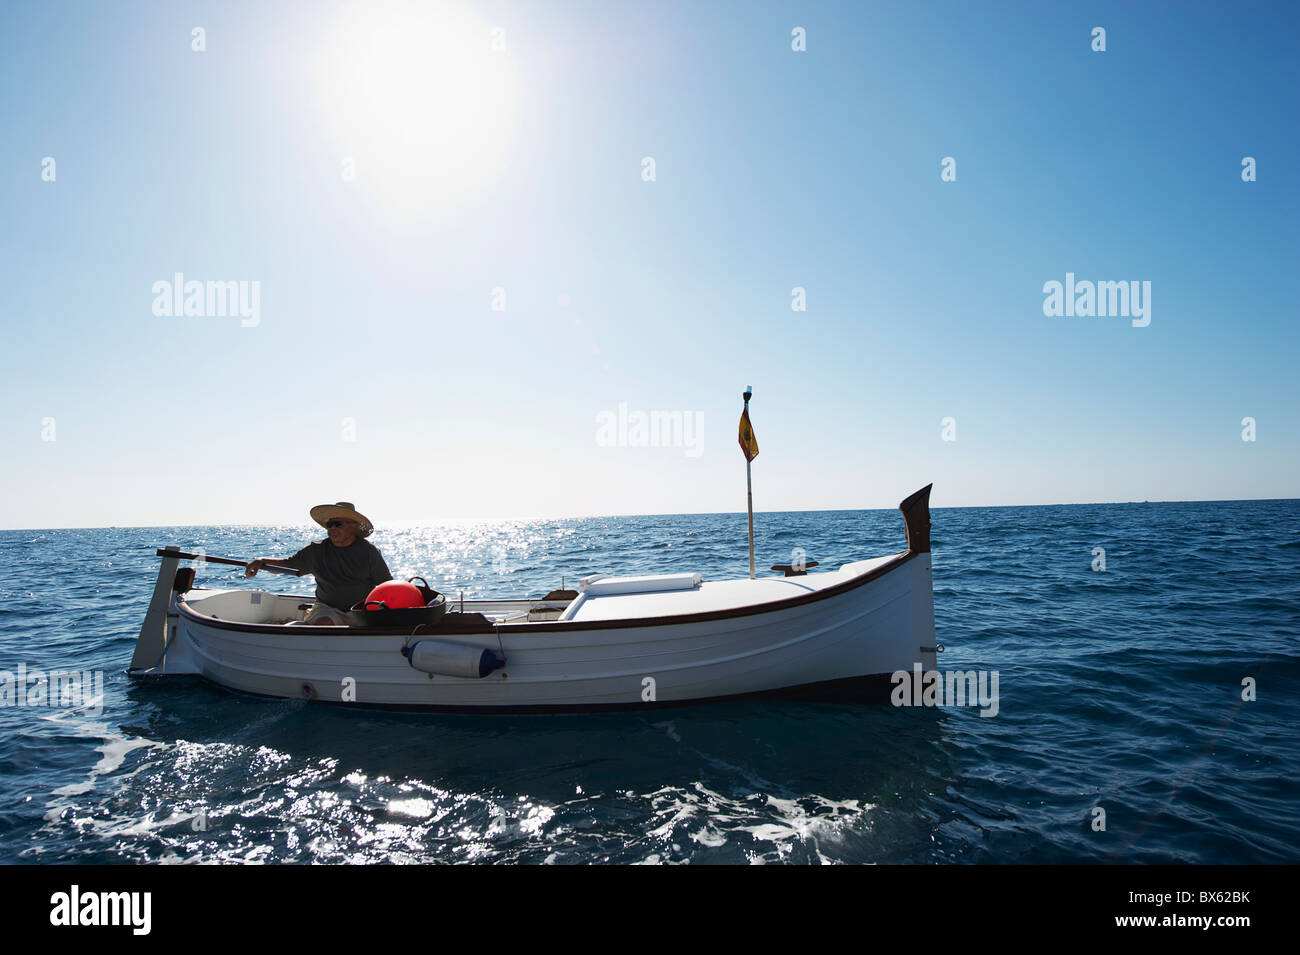 Pêcheur sur la pêche en mer en bateau Photo Stock